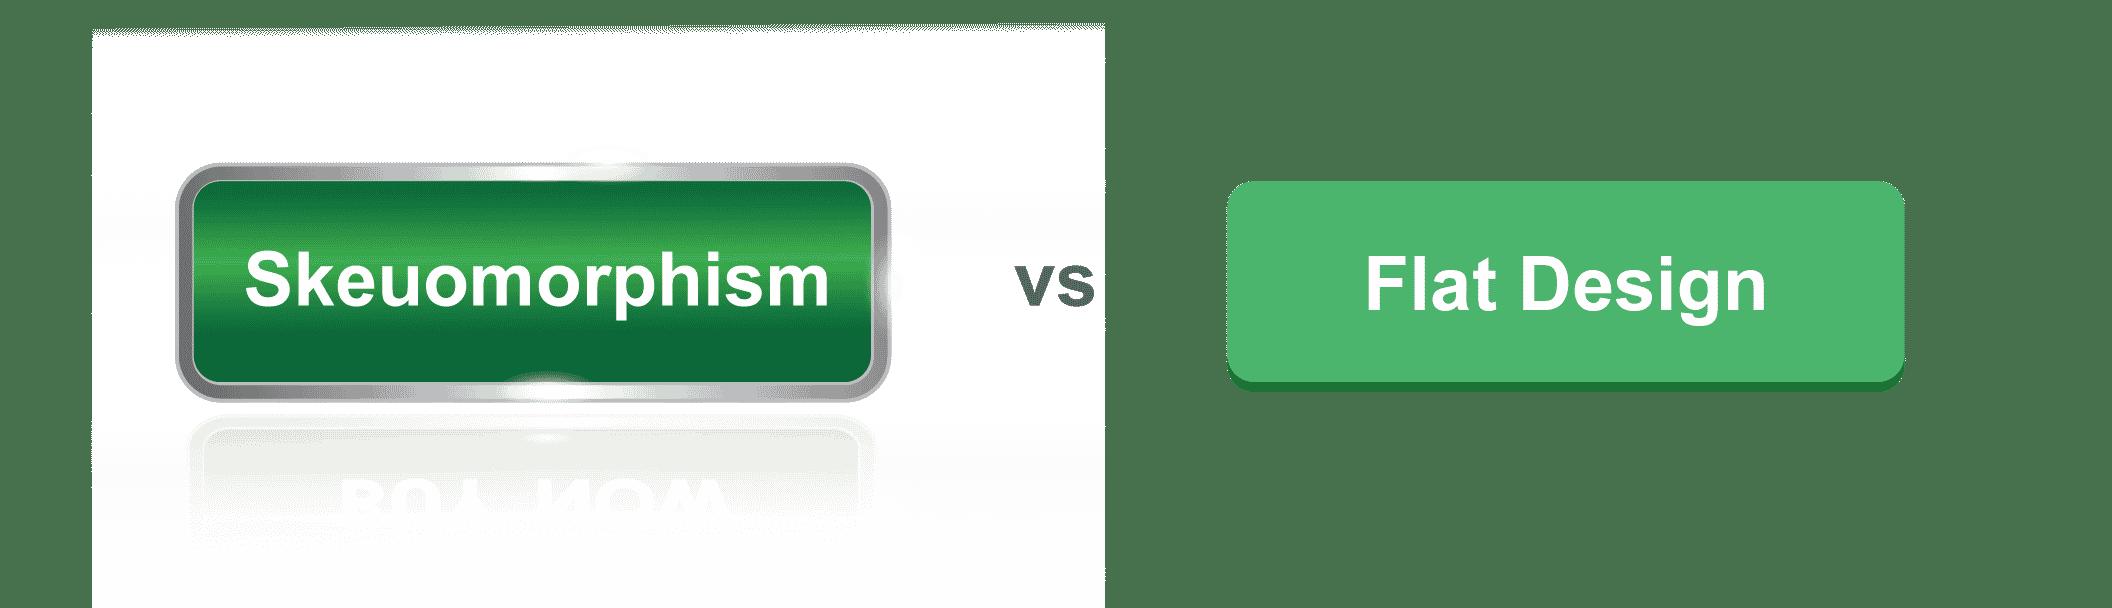 Skeuomorphism vs flat design